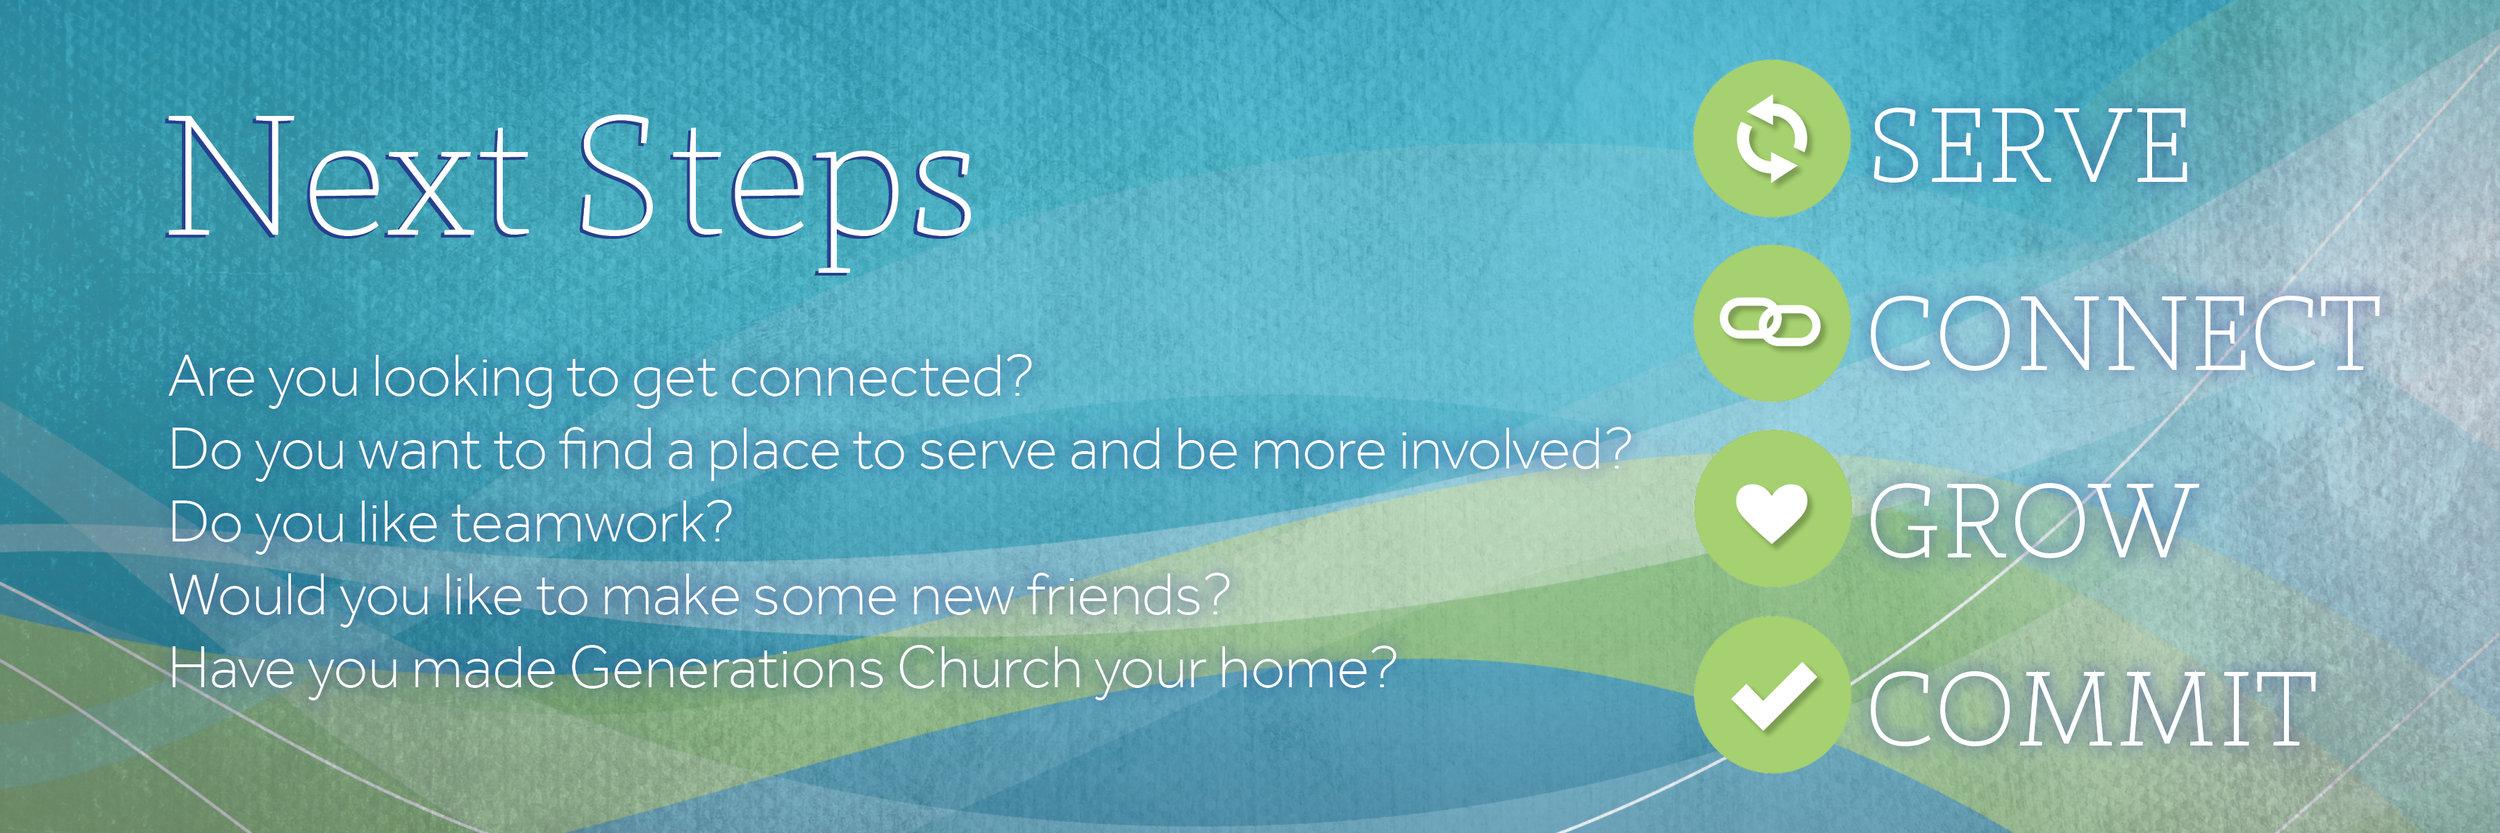 Next Steps HPS.jpg